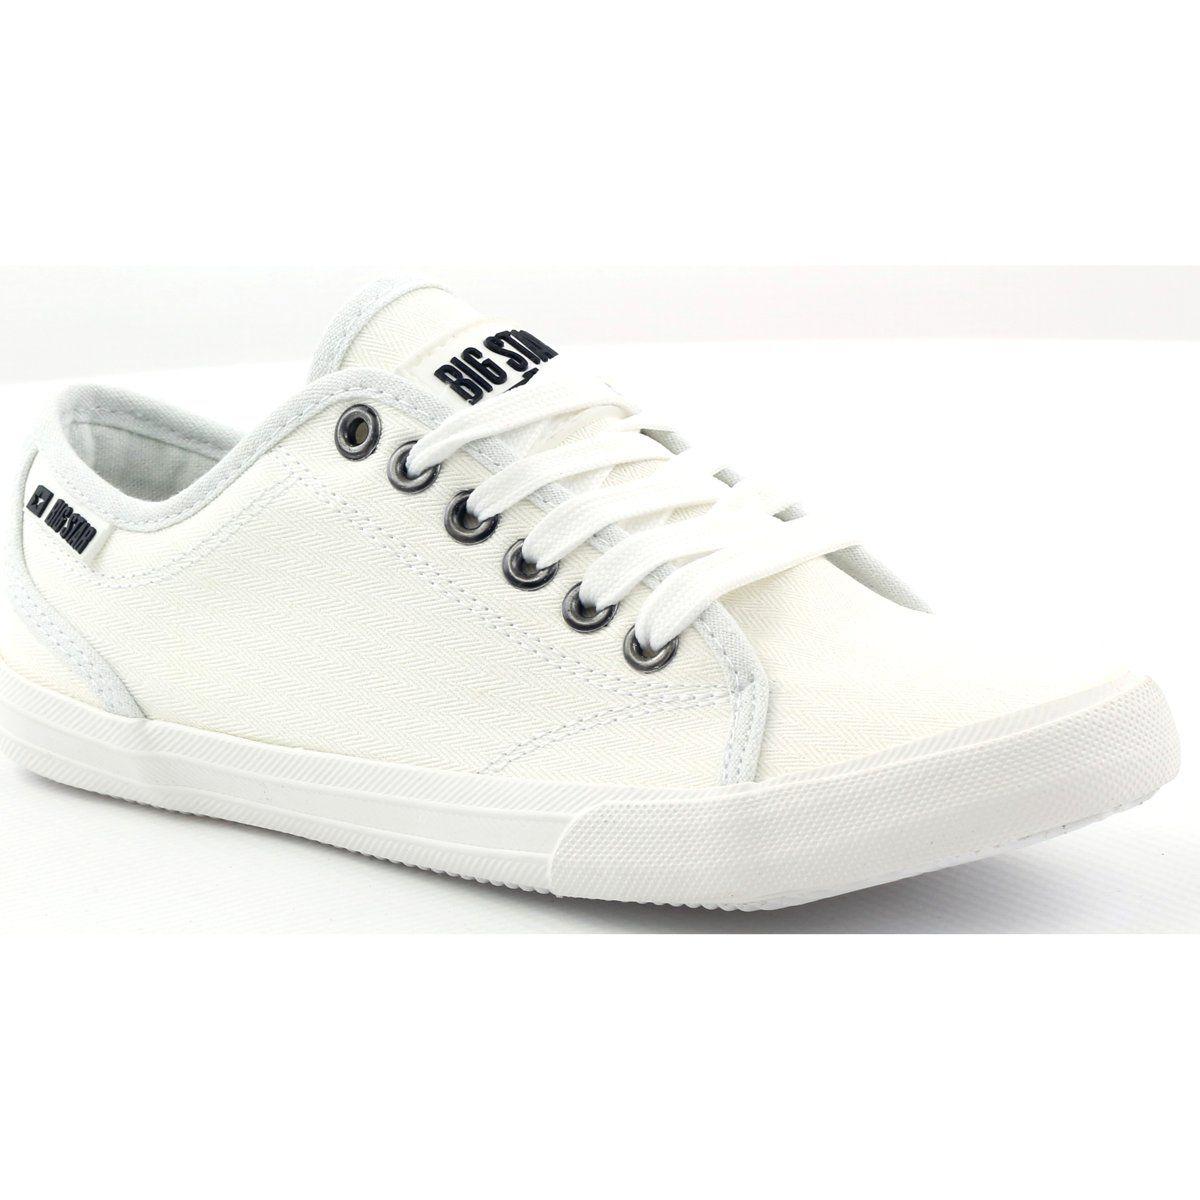 Trampki Tenisowki Big Star 274835 Biale Sneakers Shoes Superga Sneaker